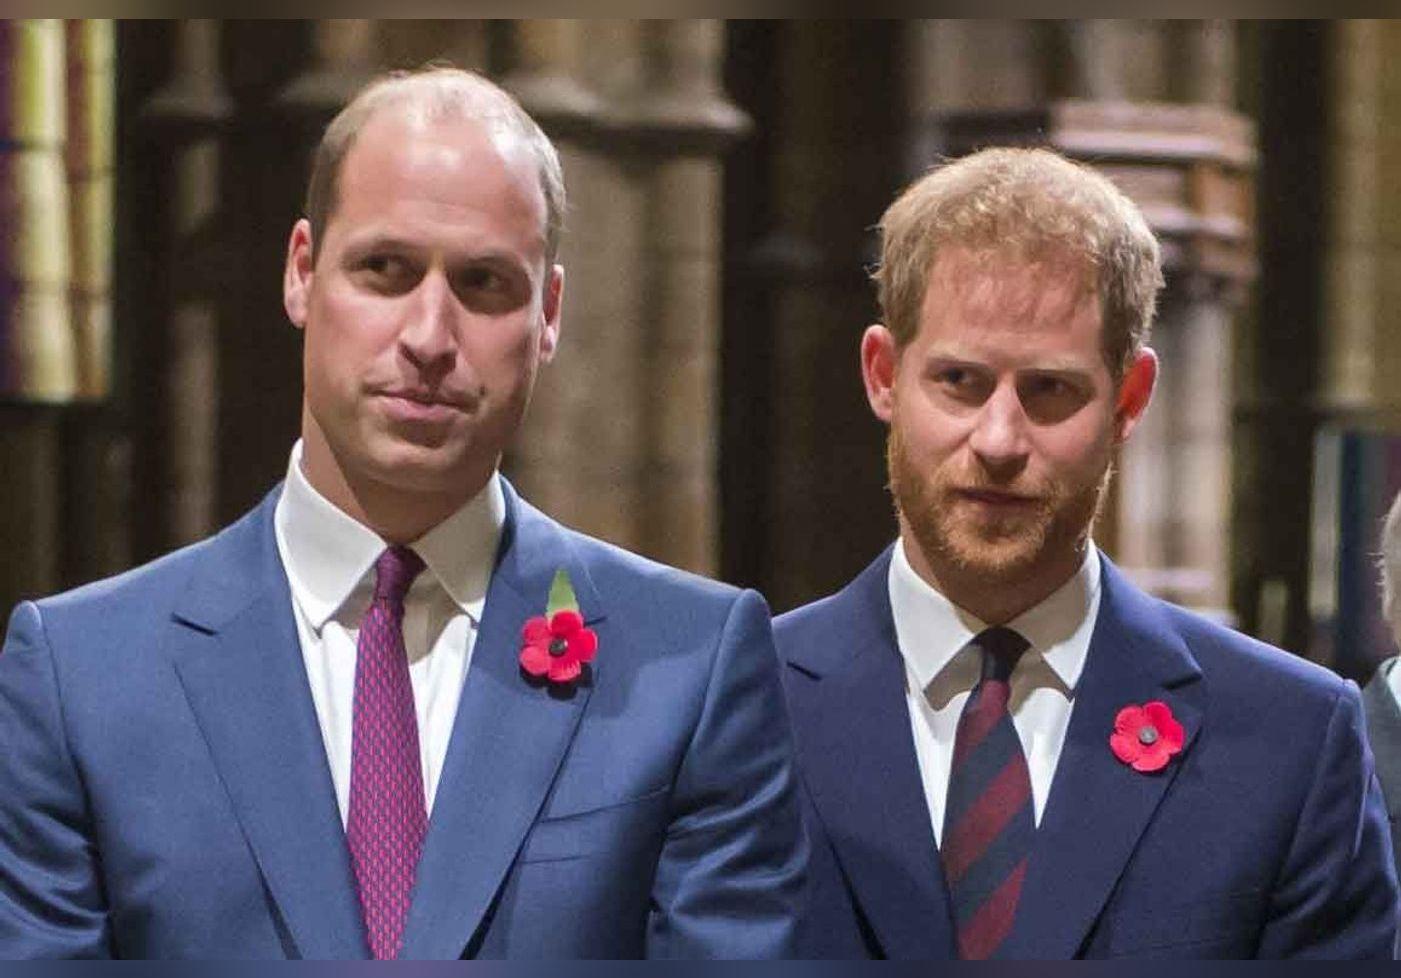 William et Harry séparés : voici pourquoi ils ne seront pas côte à côte aux funérailles du prince Philip